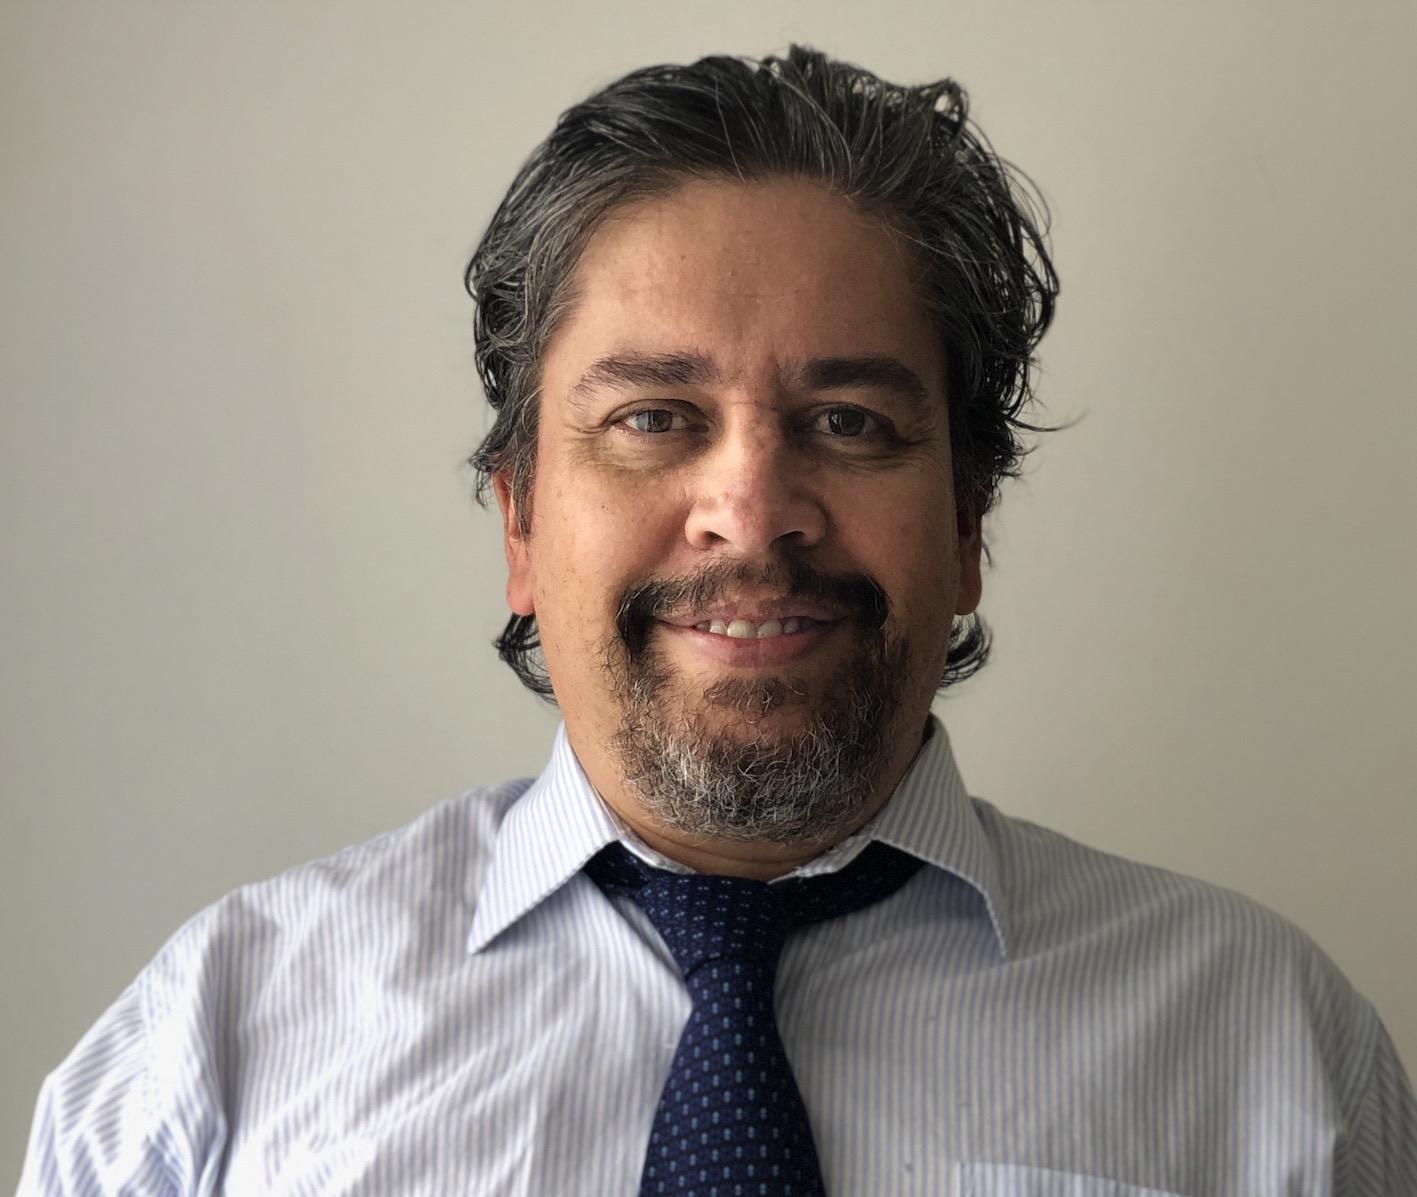 Alejandro Villarraga